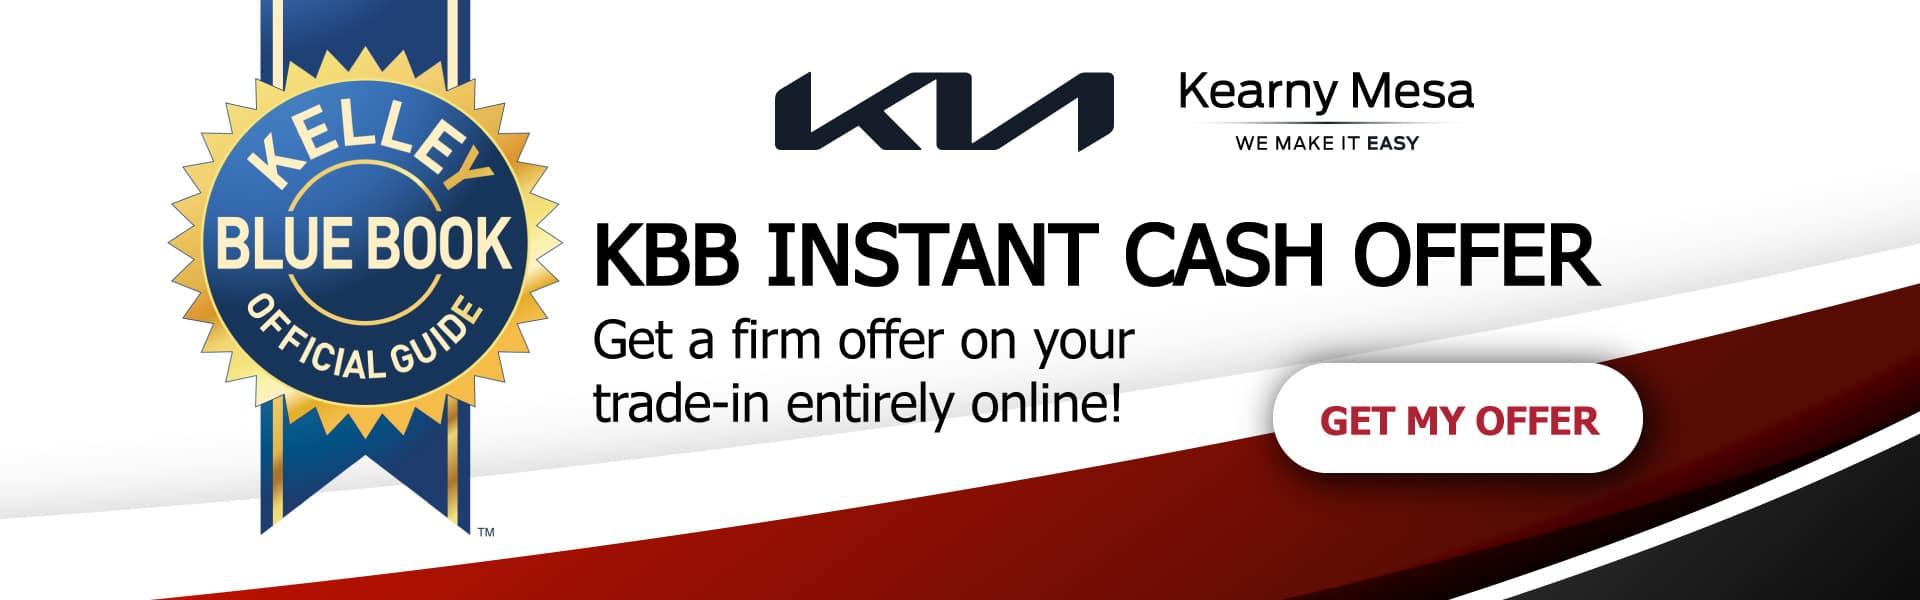 KMK slide update KBB_1920x600